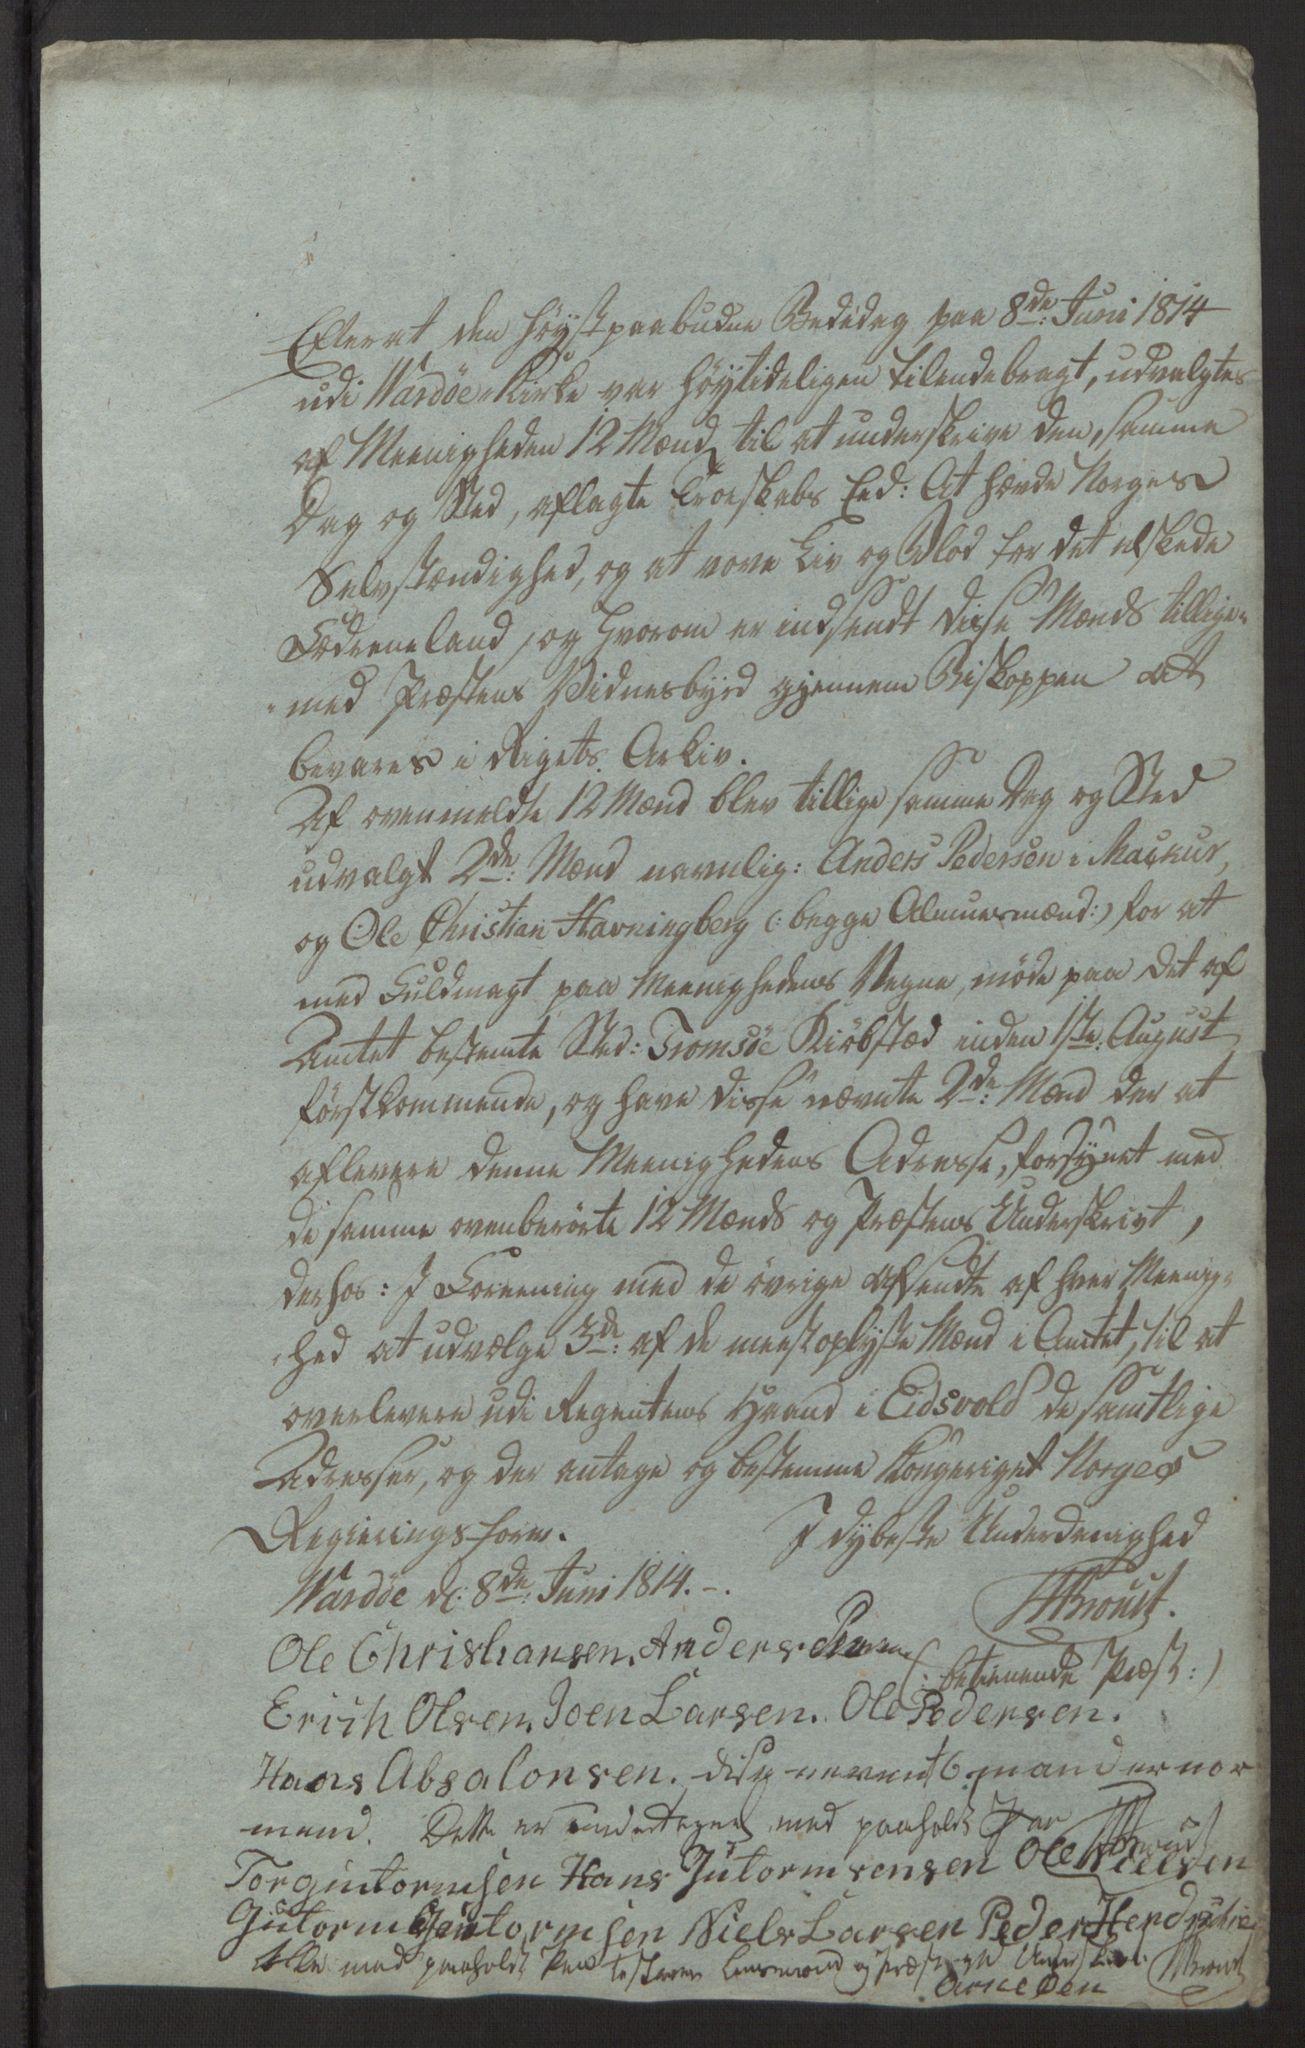 SATØ, Amtmannen/Fylkesmannen i Finnmark*, 1814, s. 58